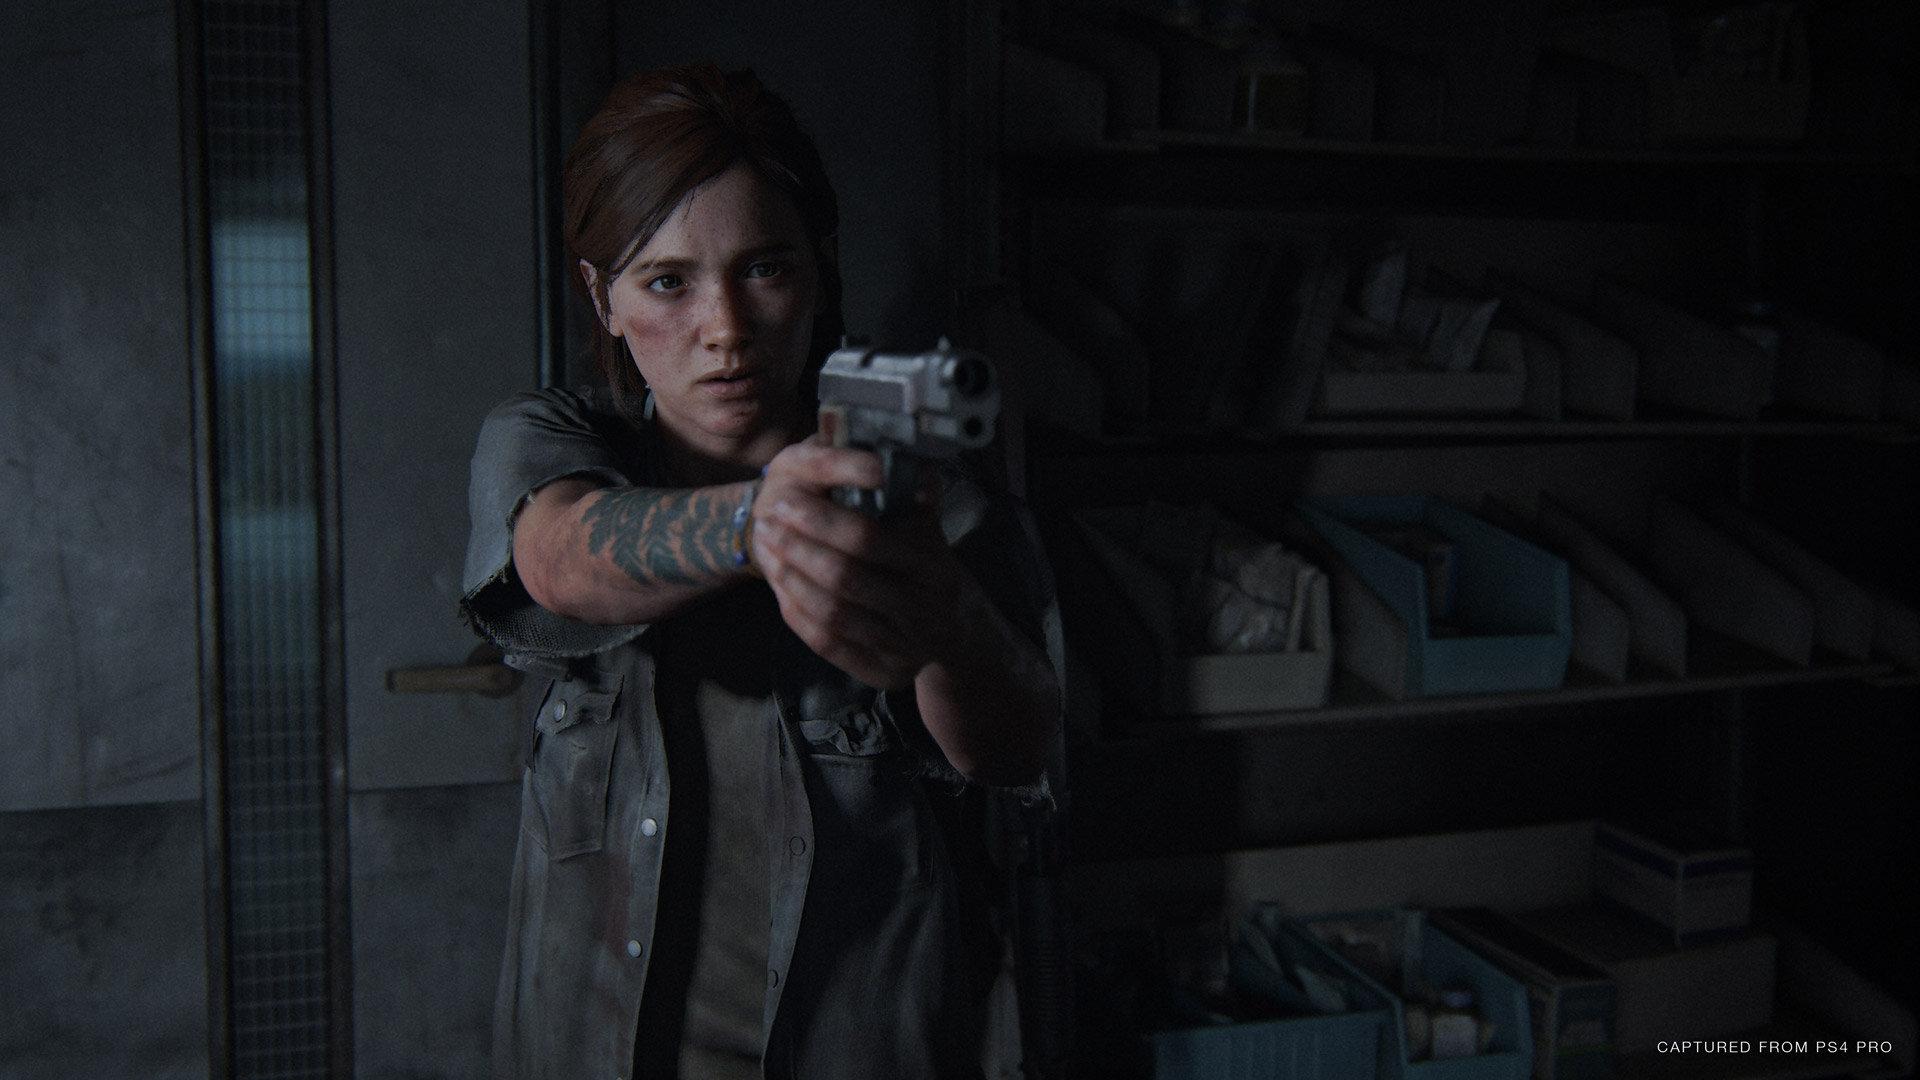 Screen z gry The Last of US Part Two. Główna bohaterka celuje z broni w ciemnym pomieszczeniu.